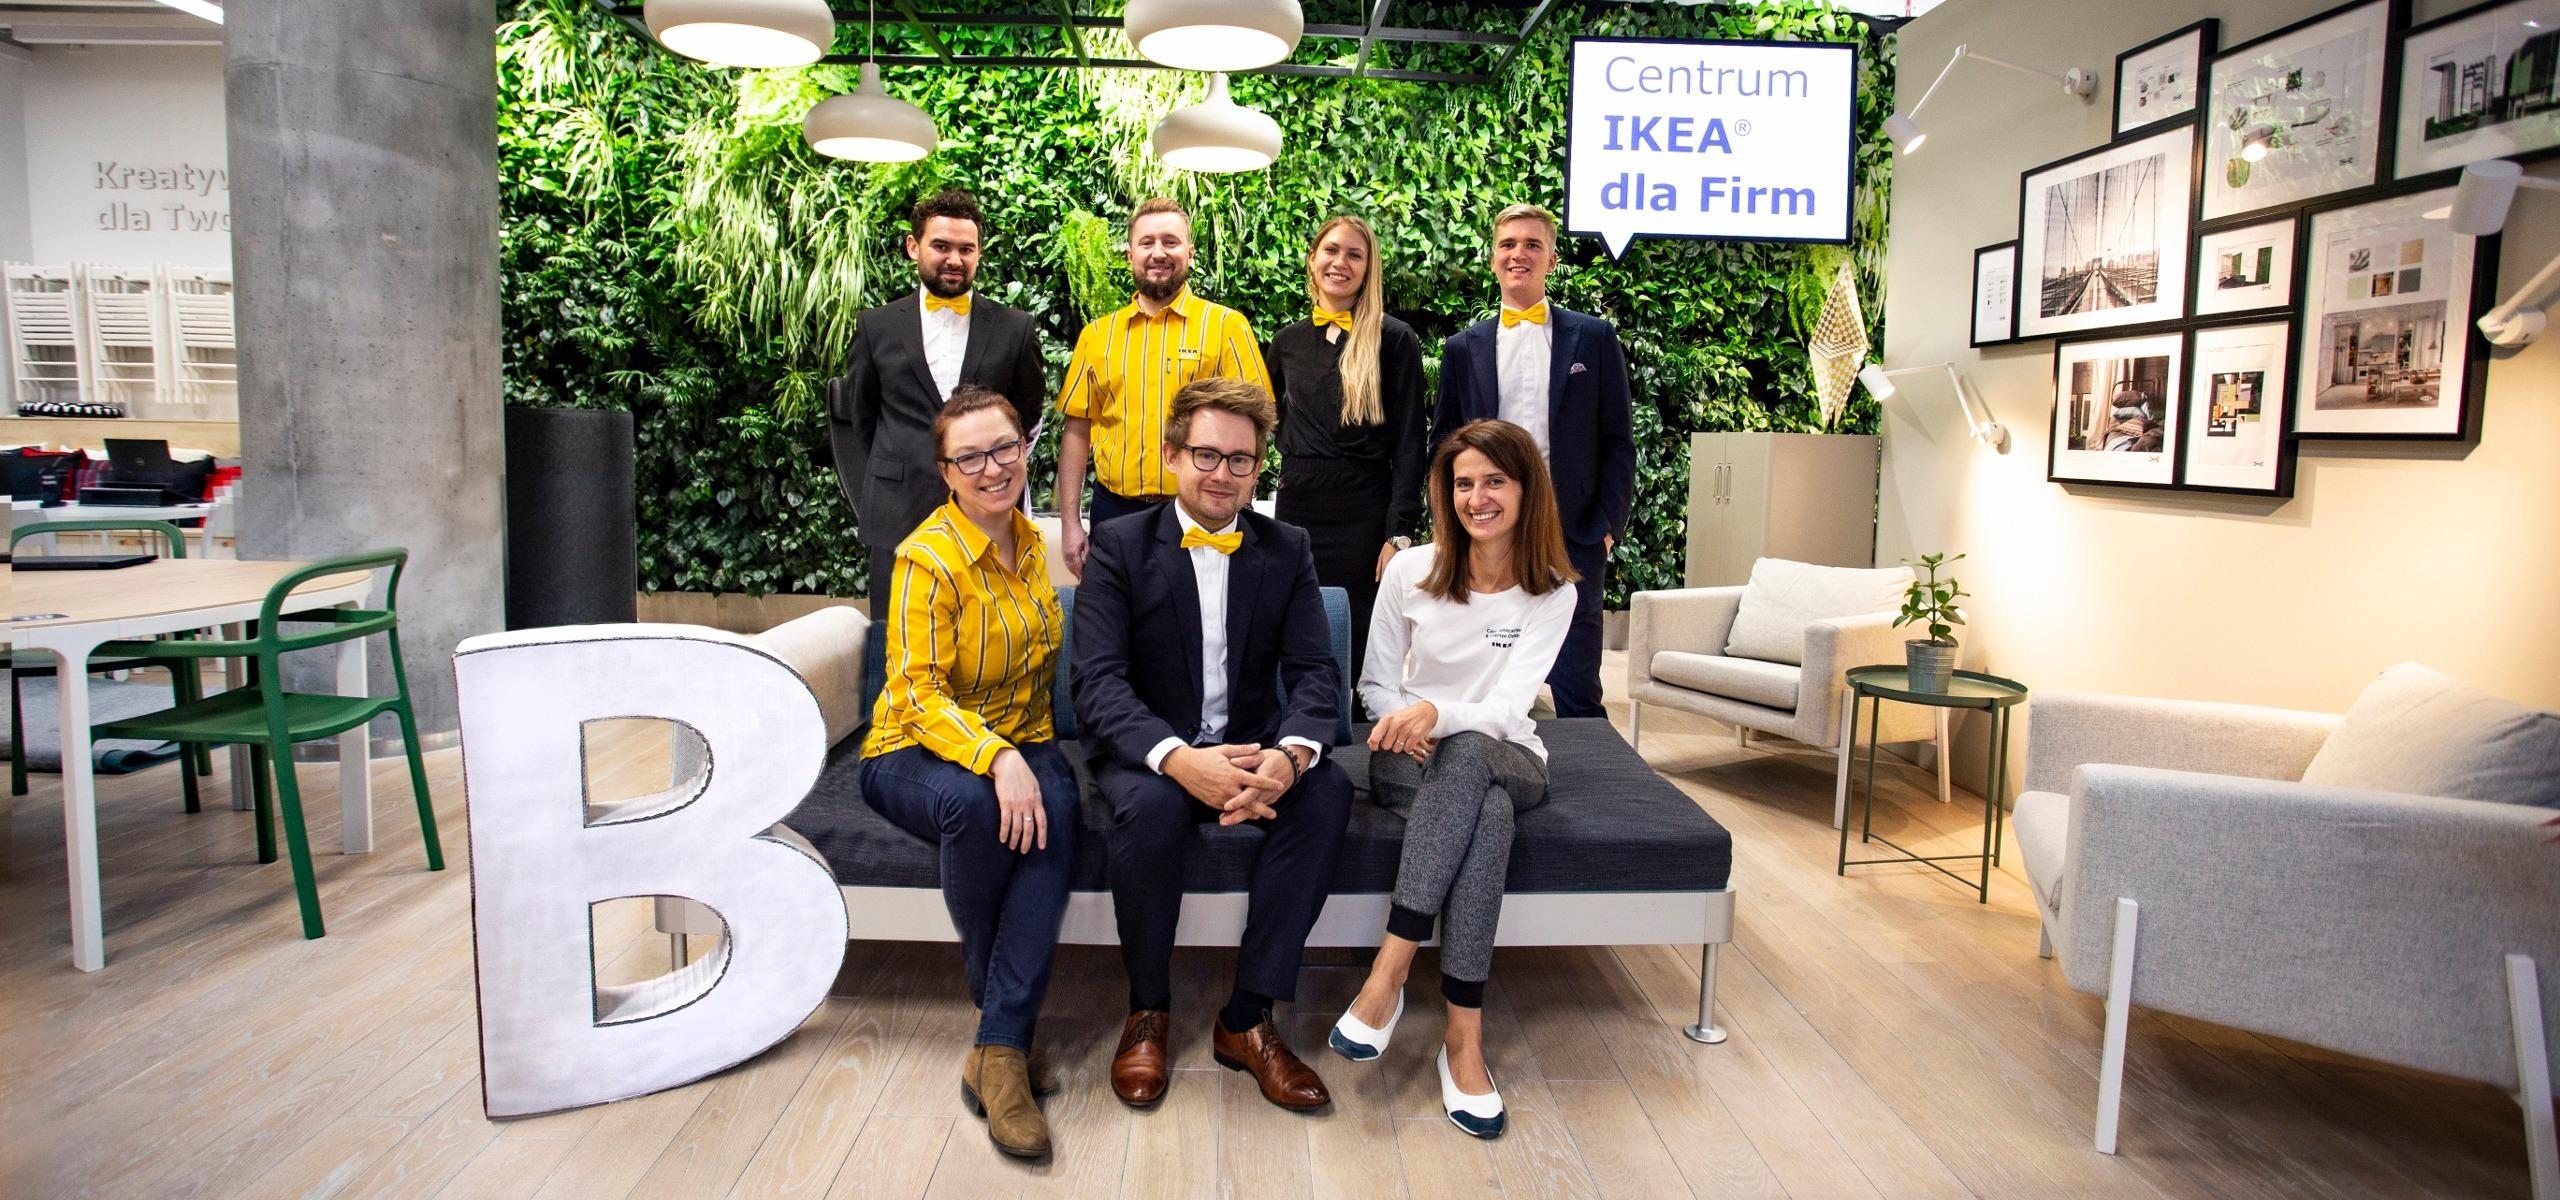 Własne B. nawiązuje współpracę z Centrum IKEA dla Firm. Ruszył wynajem pierwszych biur